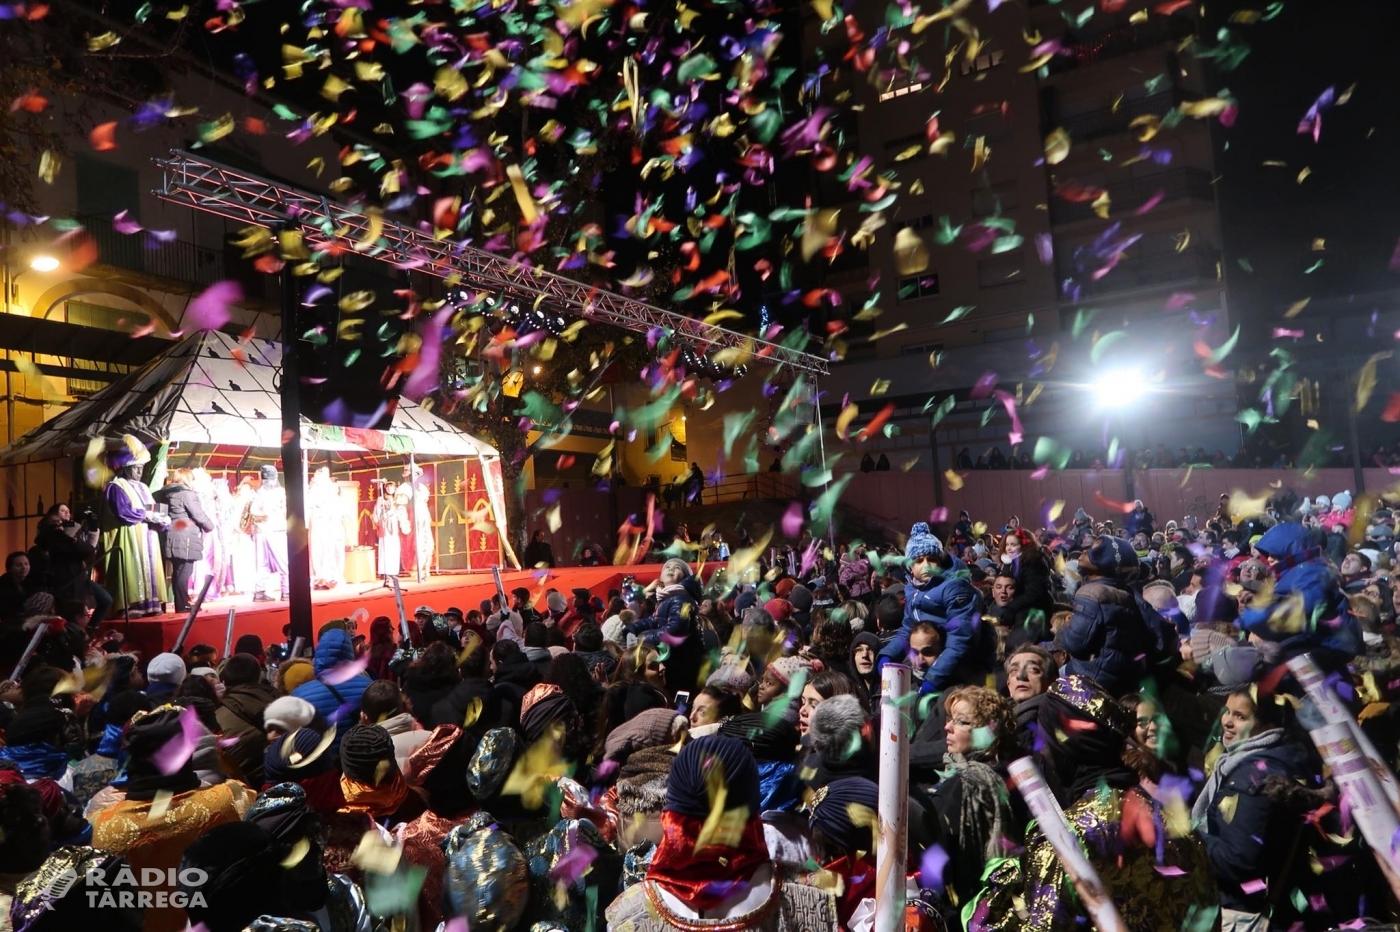 Tàrrega dona una càlida benvinguda a Ses Majestats Melcior, Gaspar i Baltasar en una altra nit màgica i multitudinària